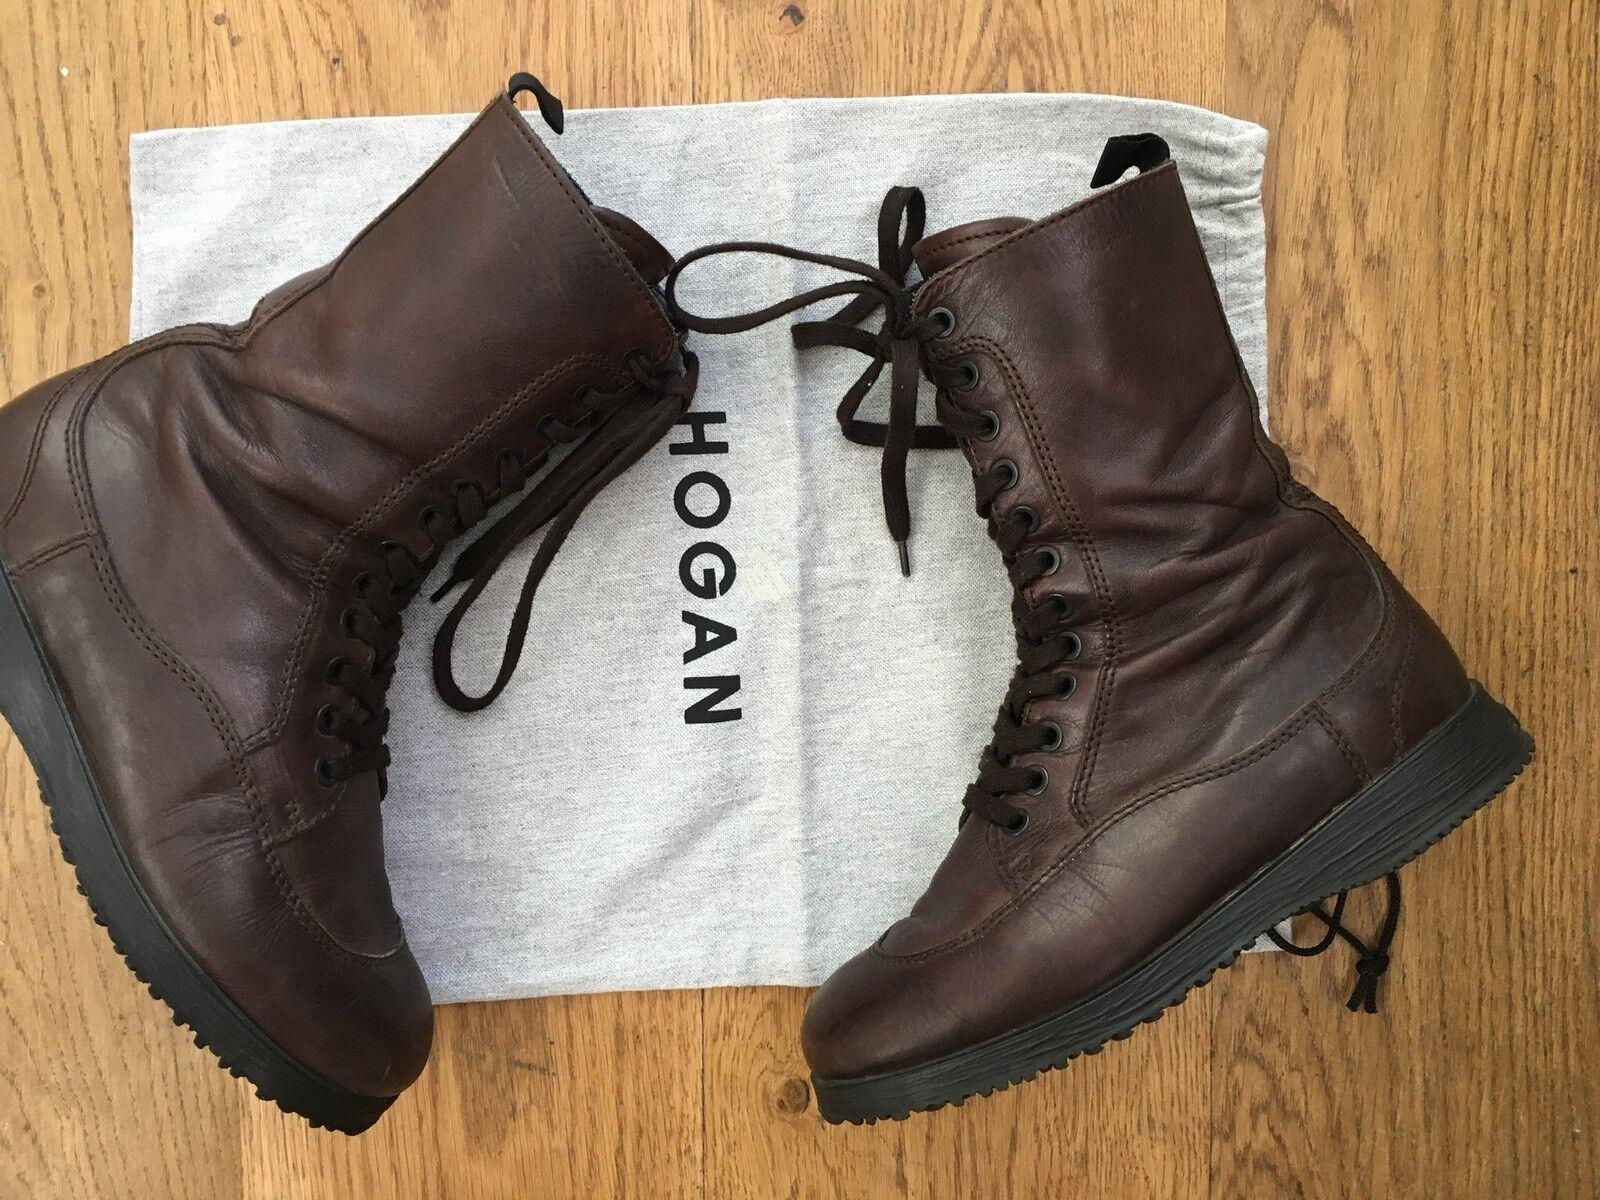 Los últimos zapatos de descuento Hogan para hombres y mujeres Hogan descuento Con Cordones Estilo Militar Ejército Botas De Cuero Marrón 35.5 nos 5.5 d8ec60